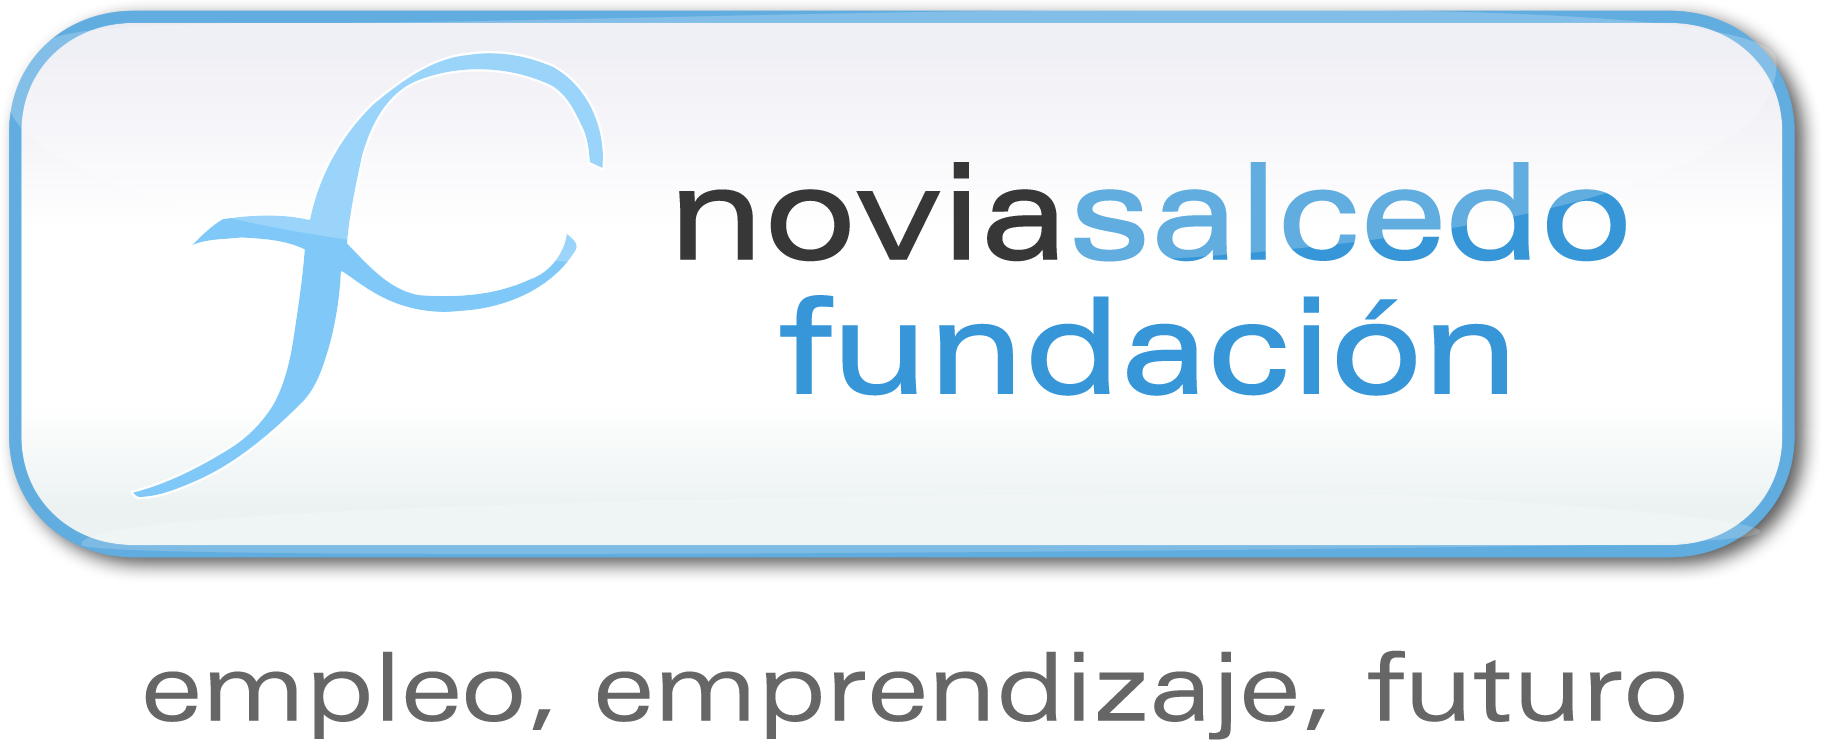 Noviasalcedo logo